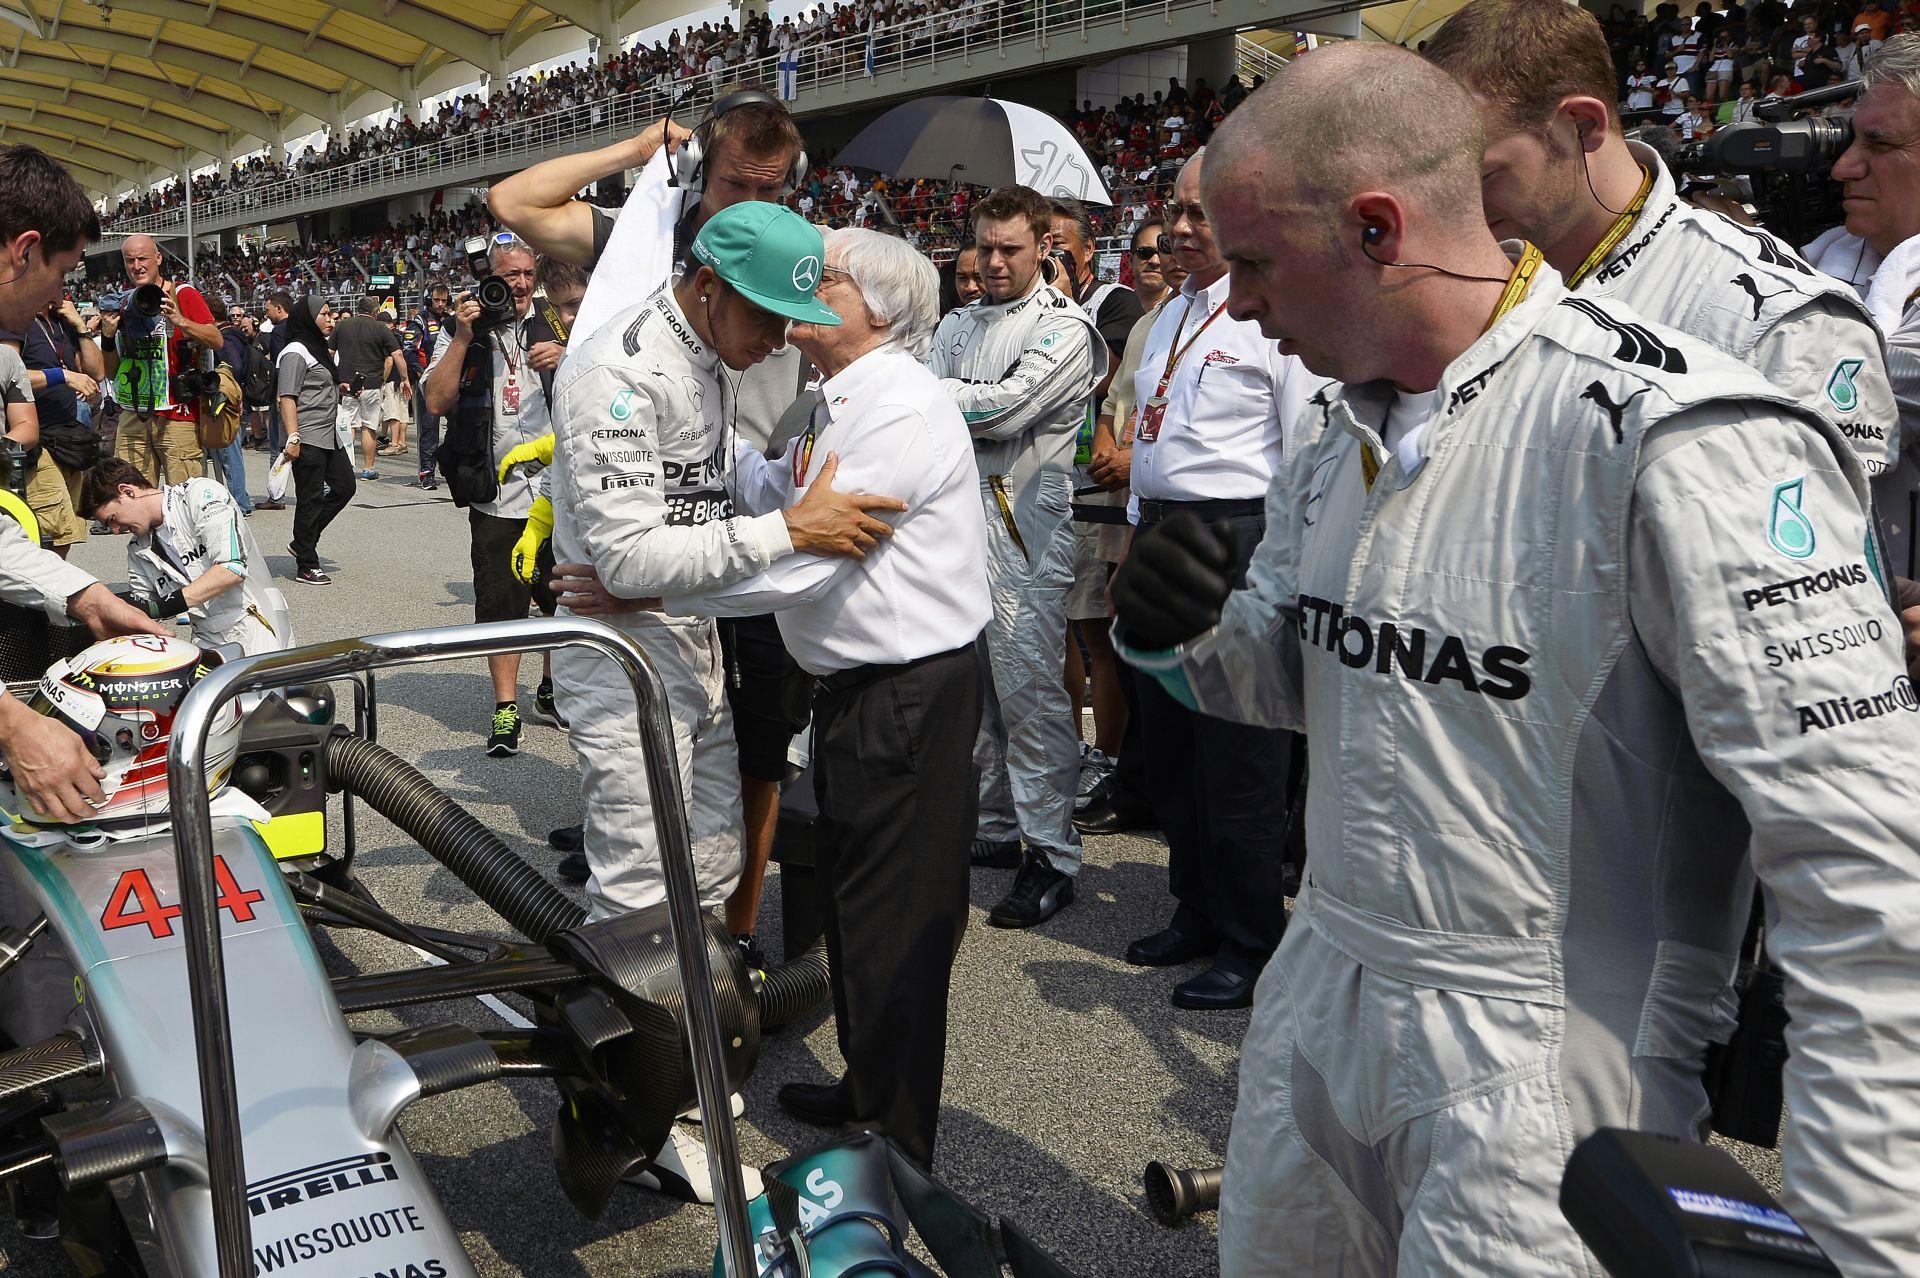 Ecclestone: Hamiltont szinte mindenki ismeri a világon, addig Rosbergről alig hallottak páran! Lewis jobb bajnok lenne, de azt h